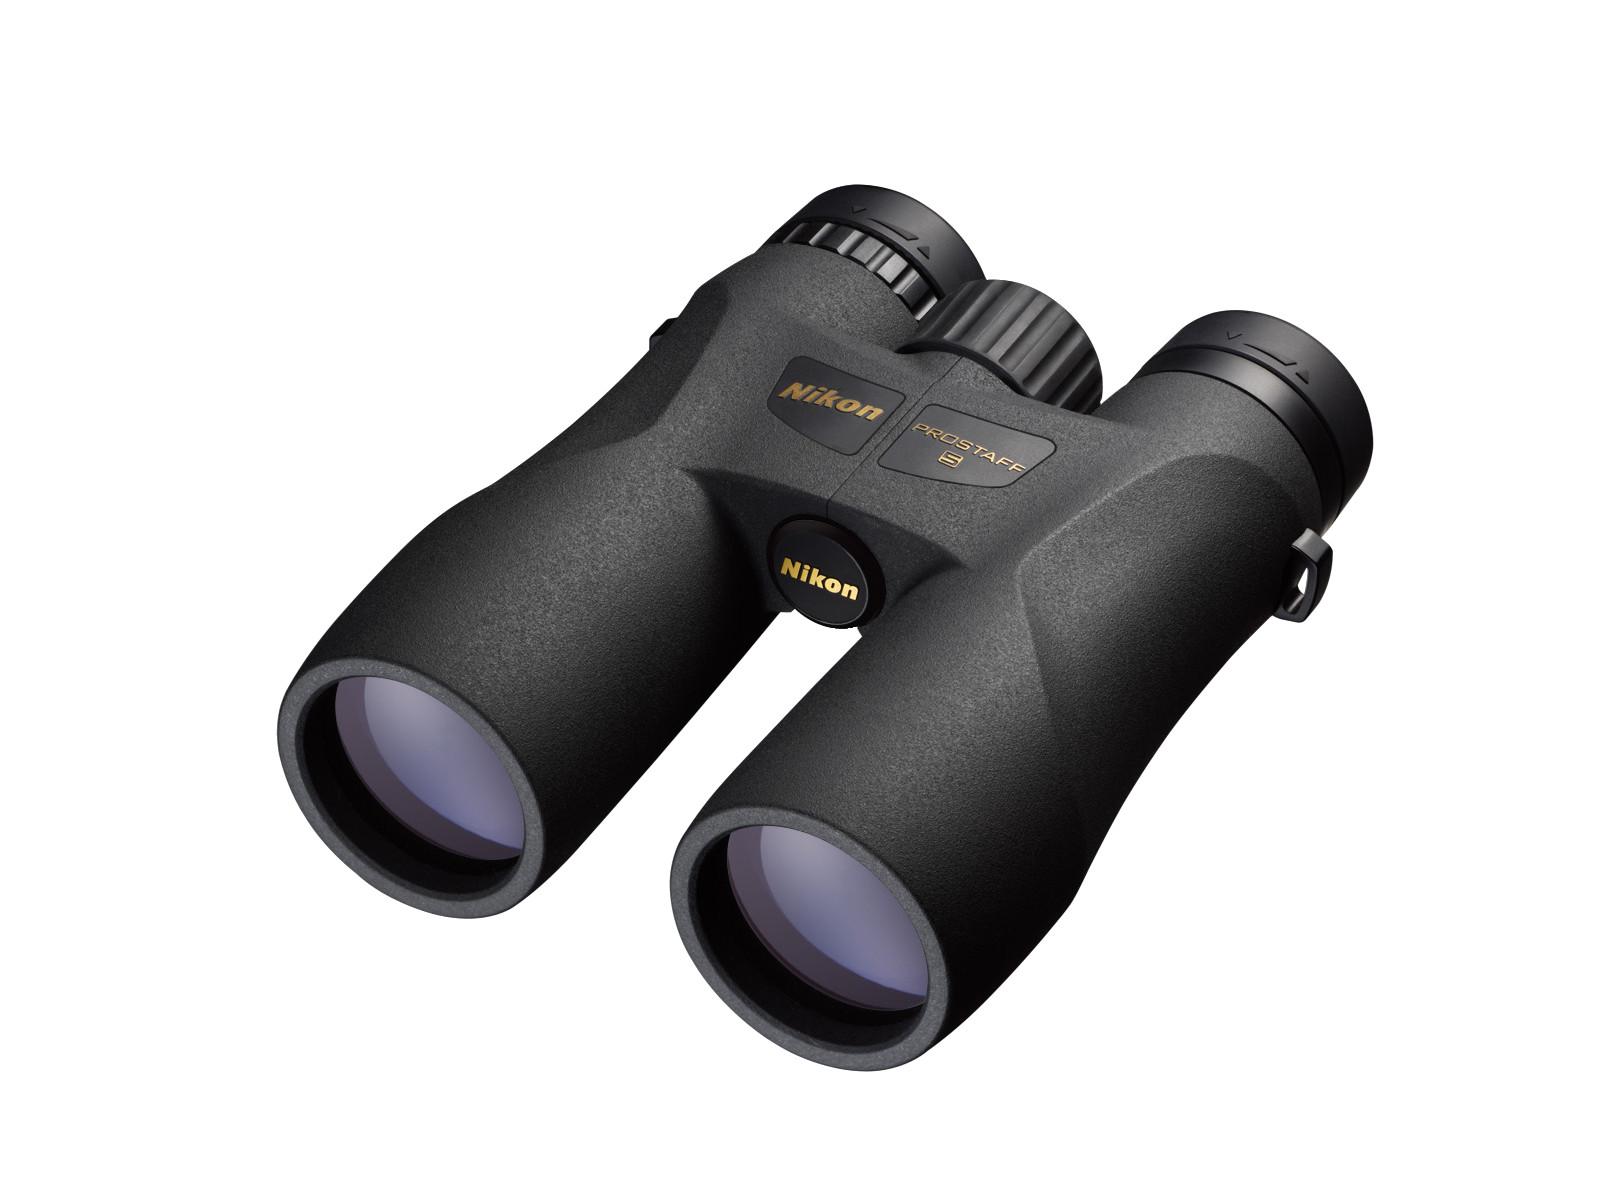 Prostaff 5 10X42 雙筒望遠鏡 雙筒望遠鏡/單眼鏡-登山賞鳥